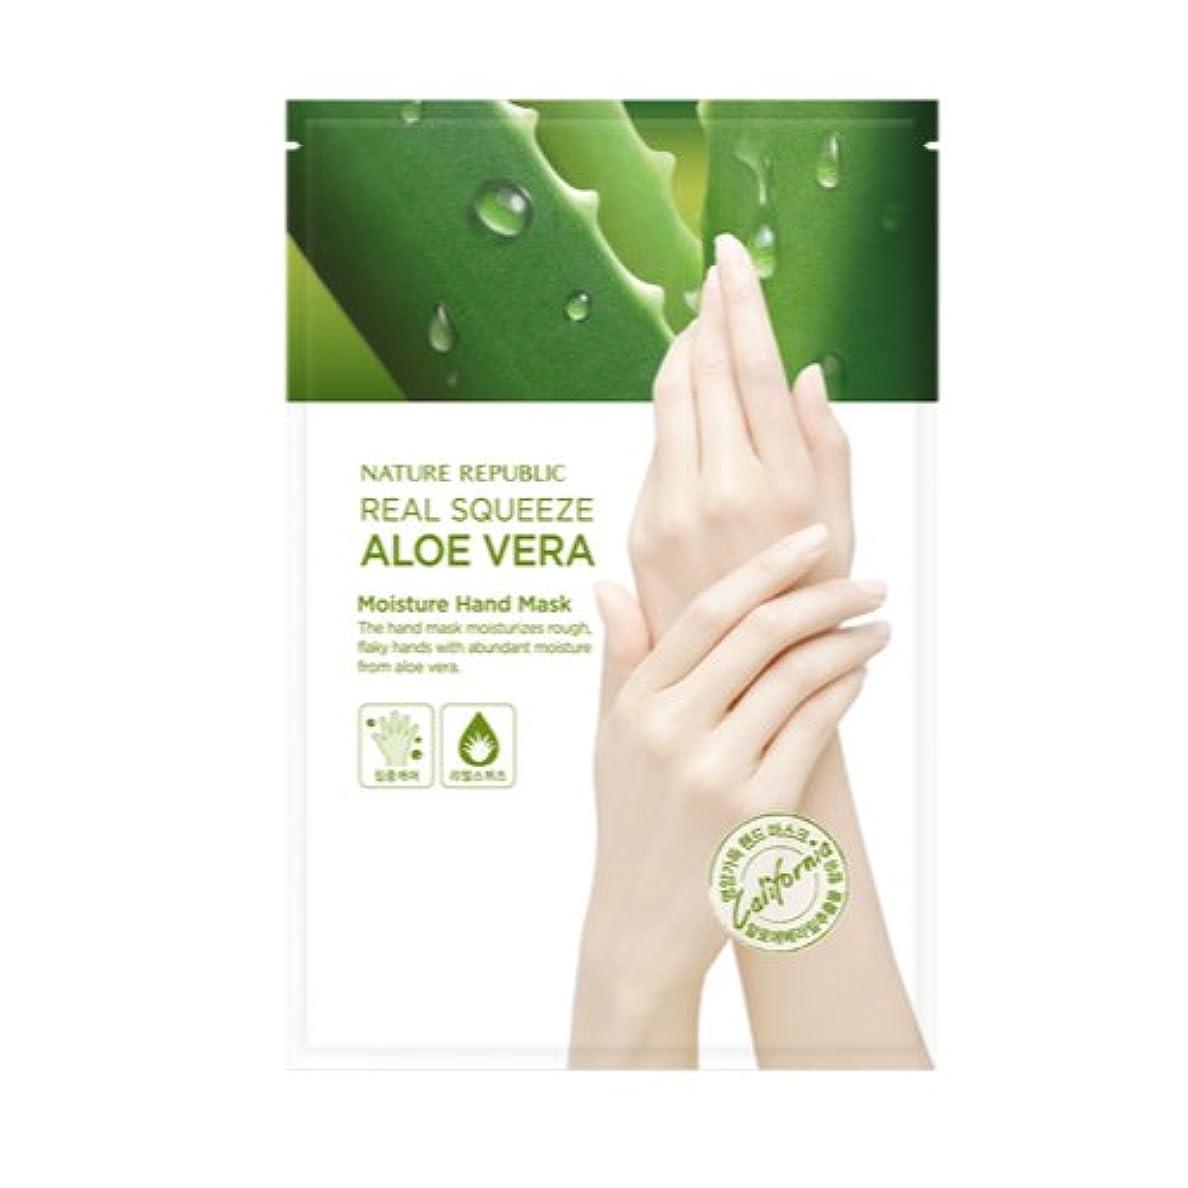 症候群富いじめっ子[ネイチャーリパブリック] Nature republicリアルスクイズアロエベラモイスチャーハンドマスク(2枚入1回分)海外直送品(Real Squeeze Aloe Vera Moisture Hand Mask)...